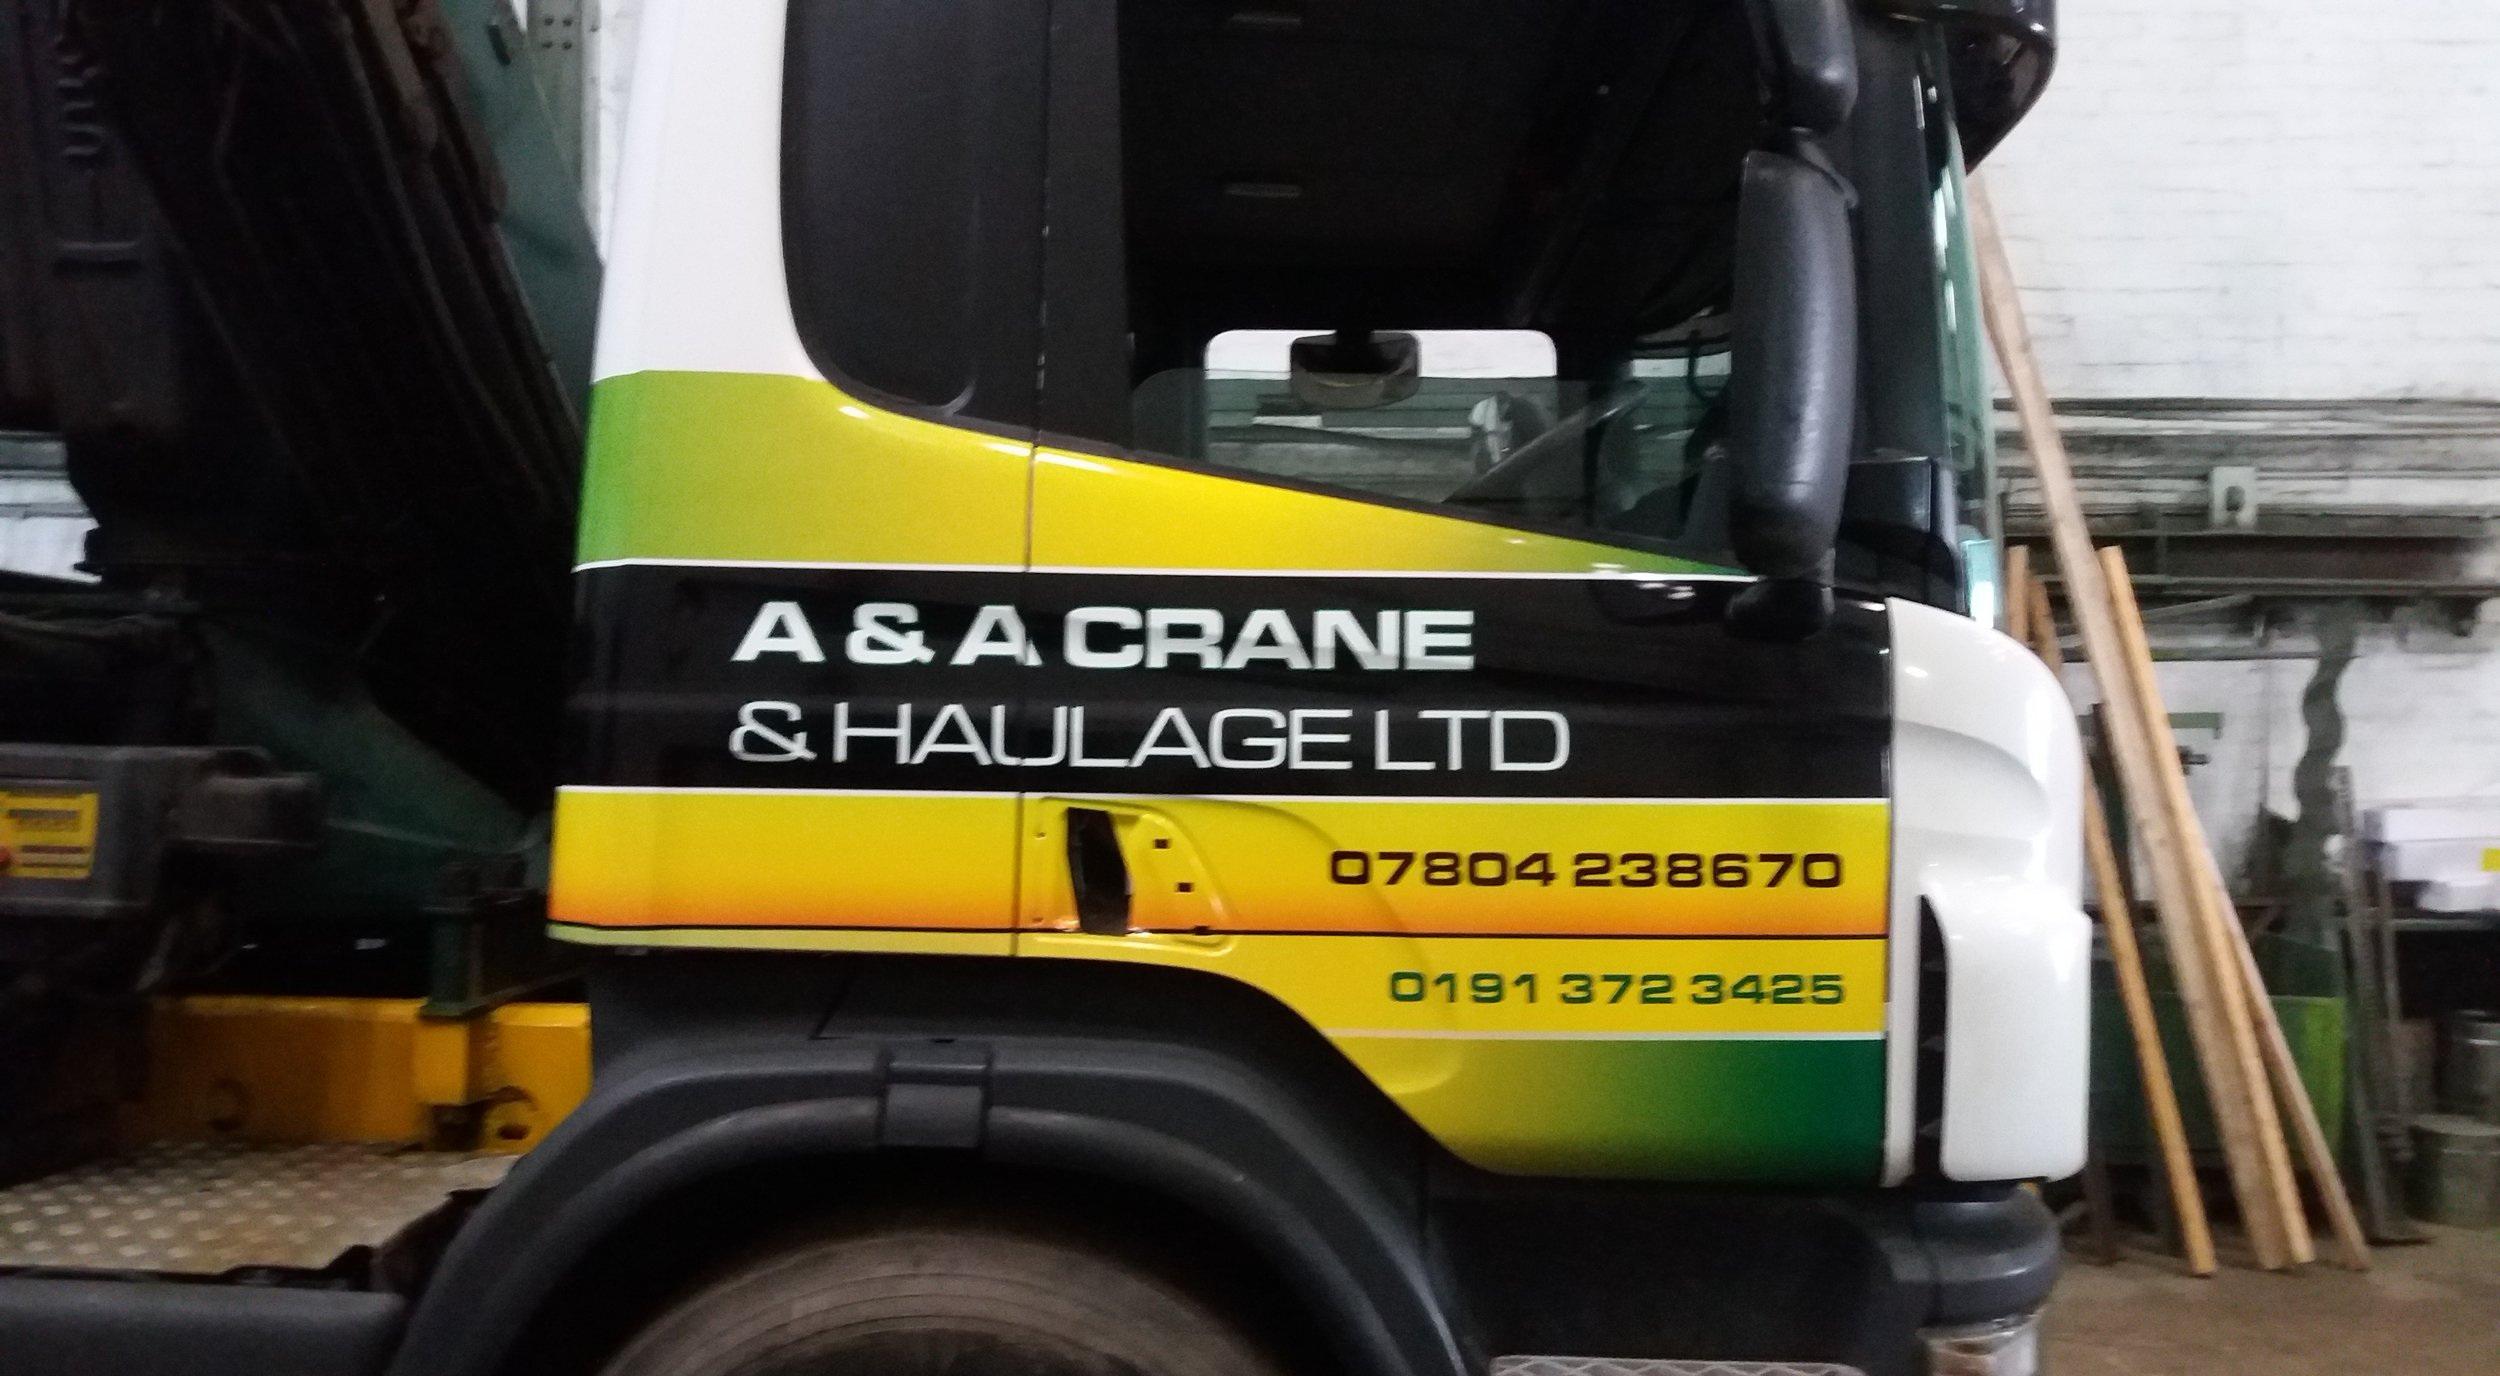 A & A CRANE & HAULAGE LTD